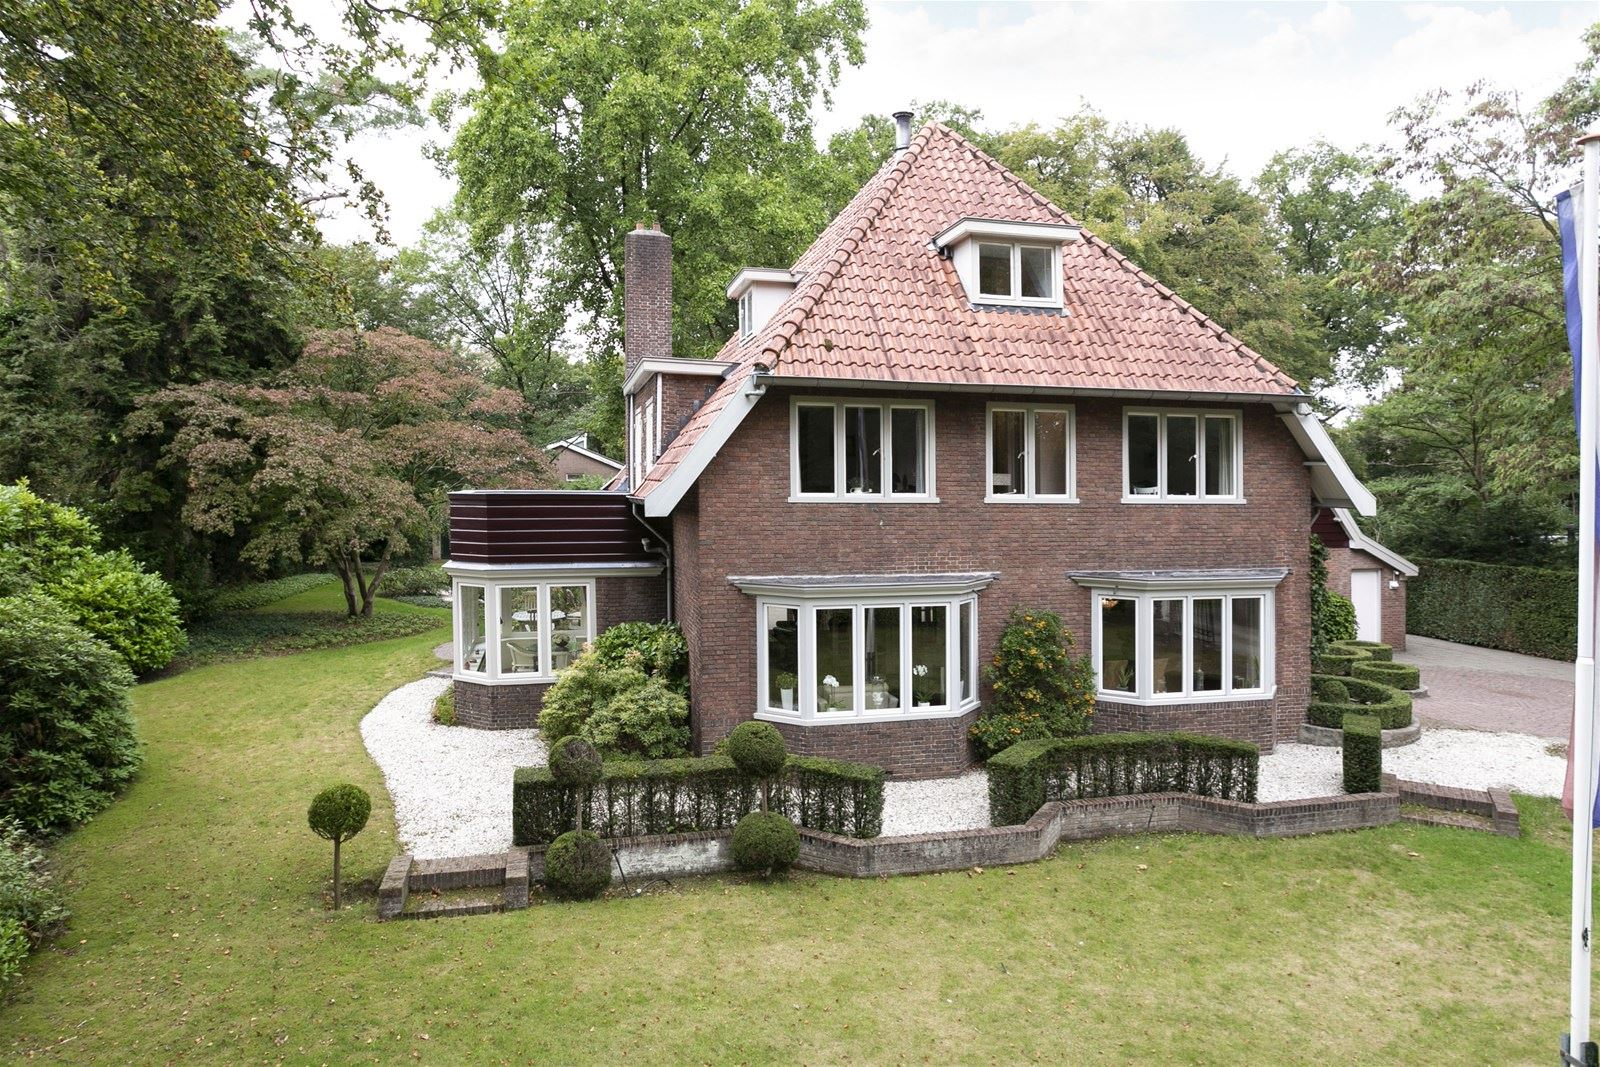 Huis te koop daam fockemalaan 88 3818 kh amersfoort funda for Huizen te koop amersfoort